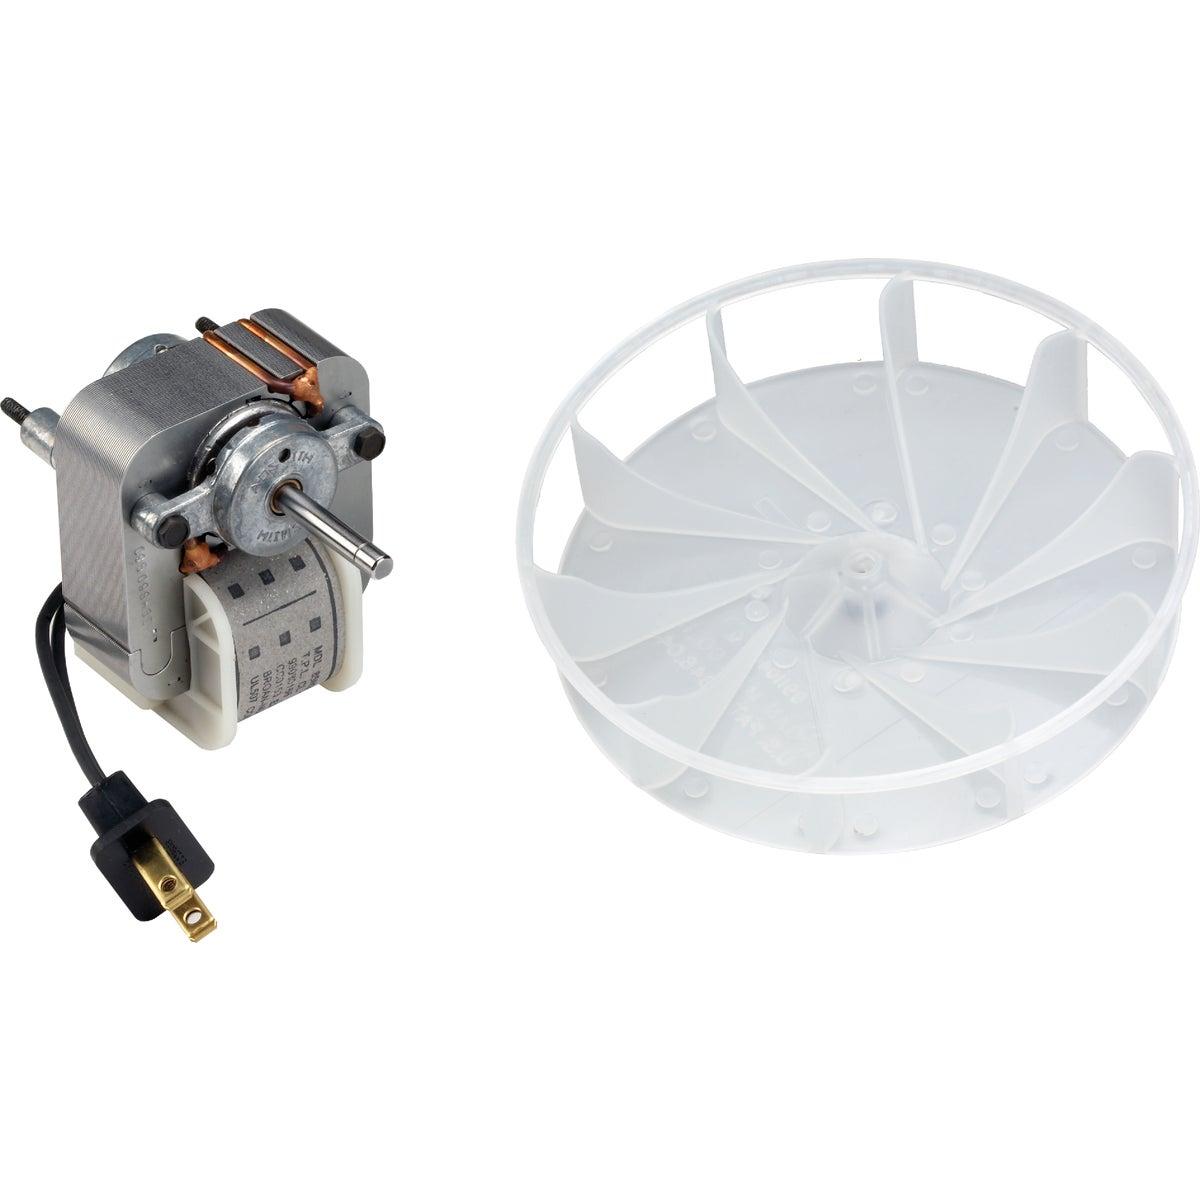 Fan Replacement Parts, BP50